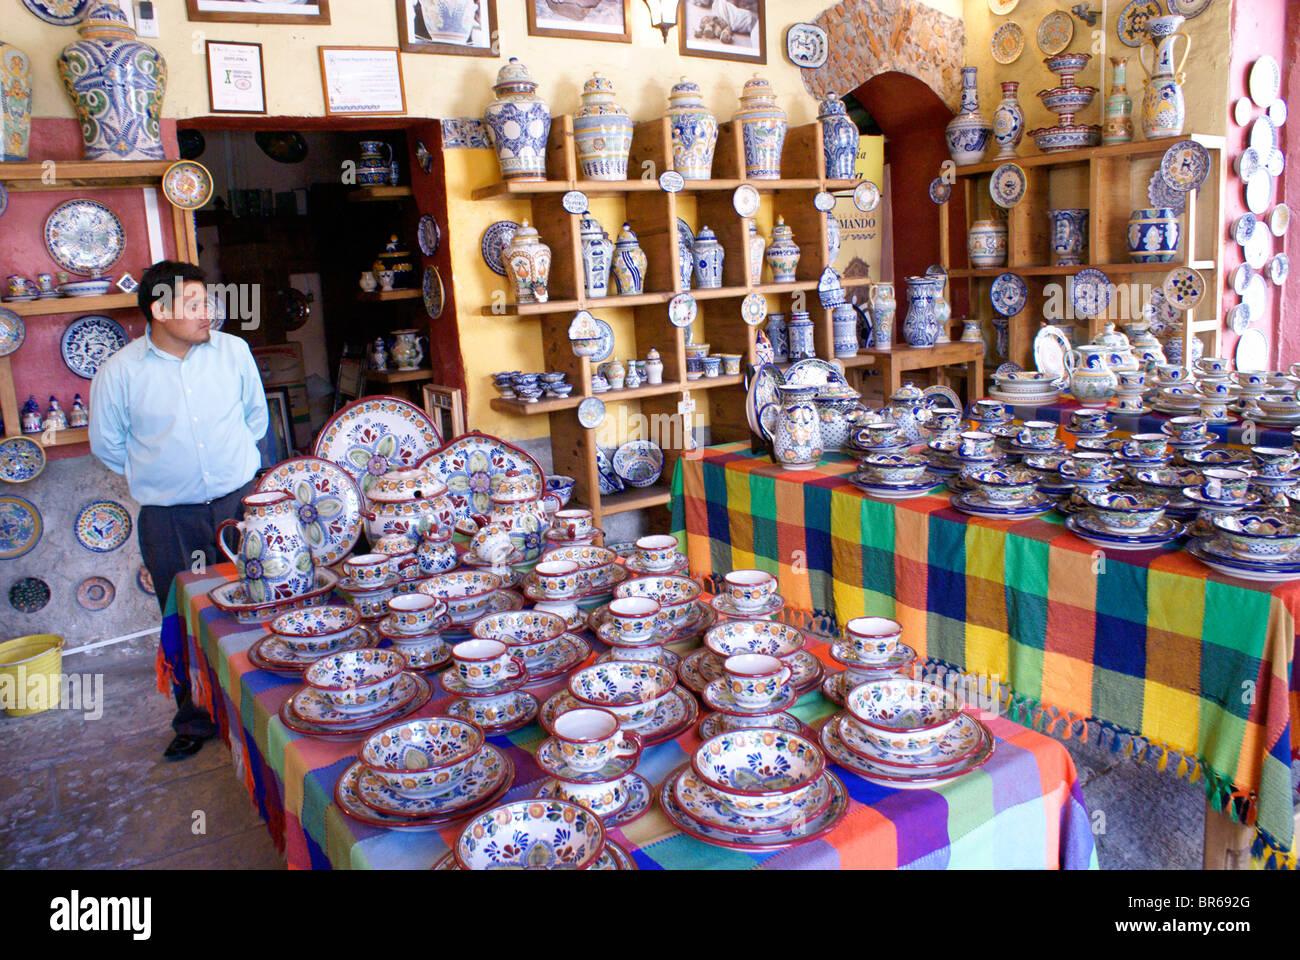 Commis dans un magasin vendant des poteries Talavera coloré dans la ville de Puebla, Mexique Photo Stock